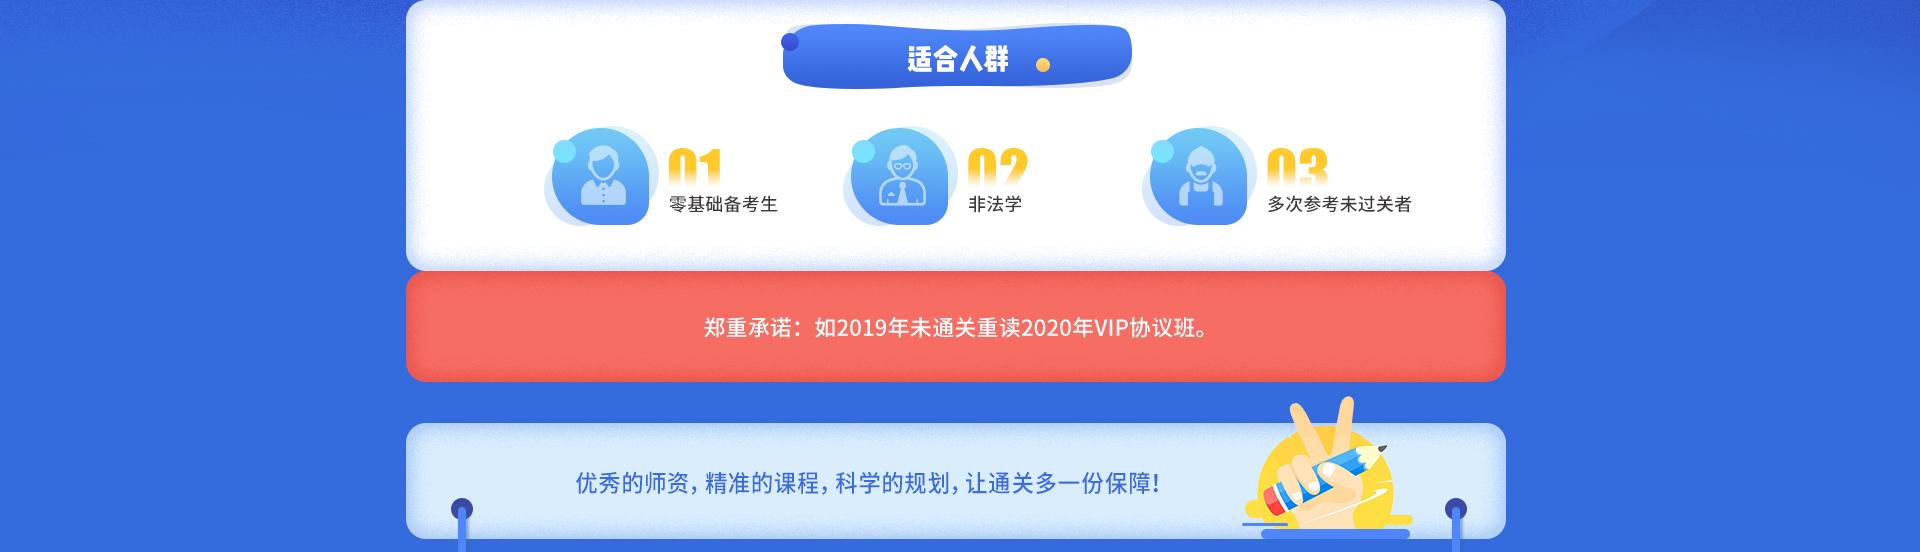 改-专题页面:VIP协议班1920x_02.png